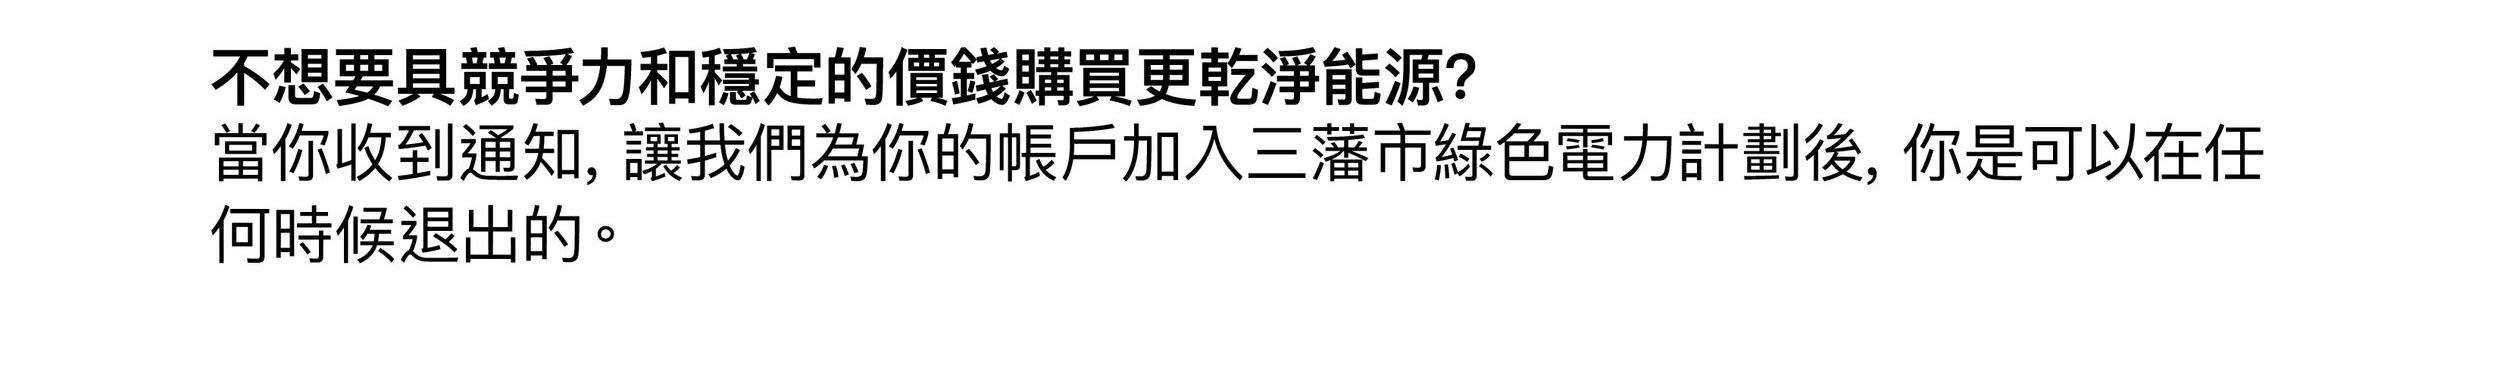 chinese_04.jpg